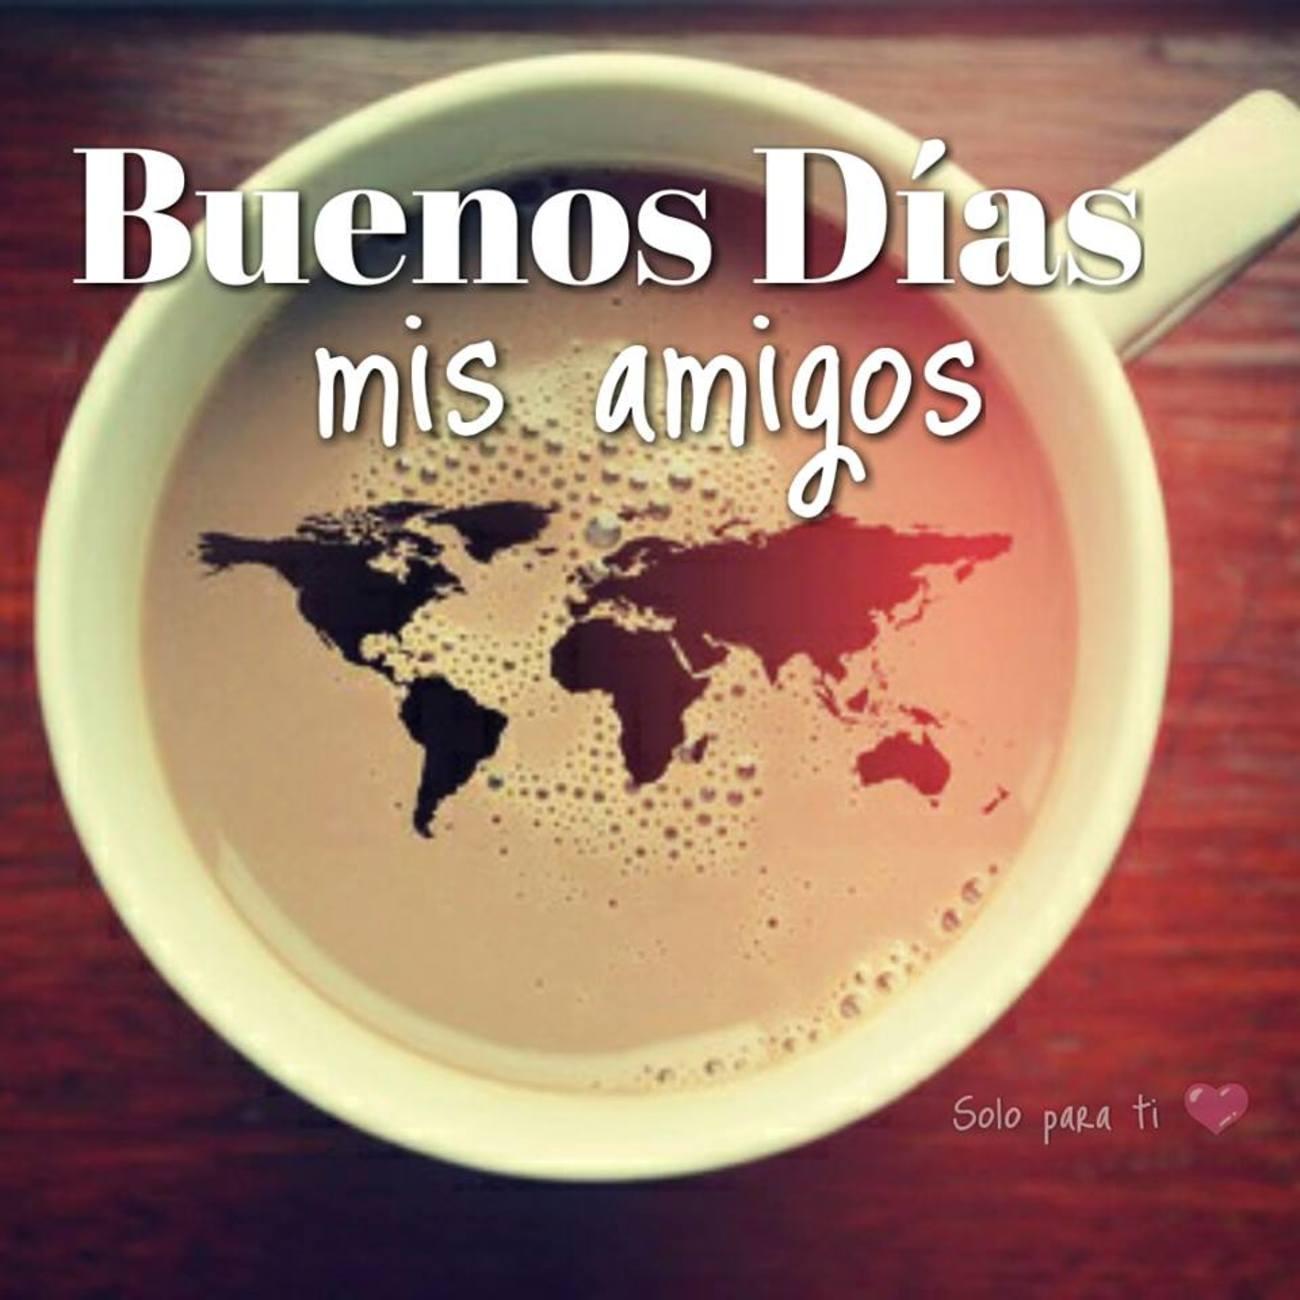 Buenos Días imágenes con café 376 - BonitasImagenes.net